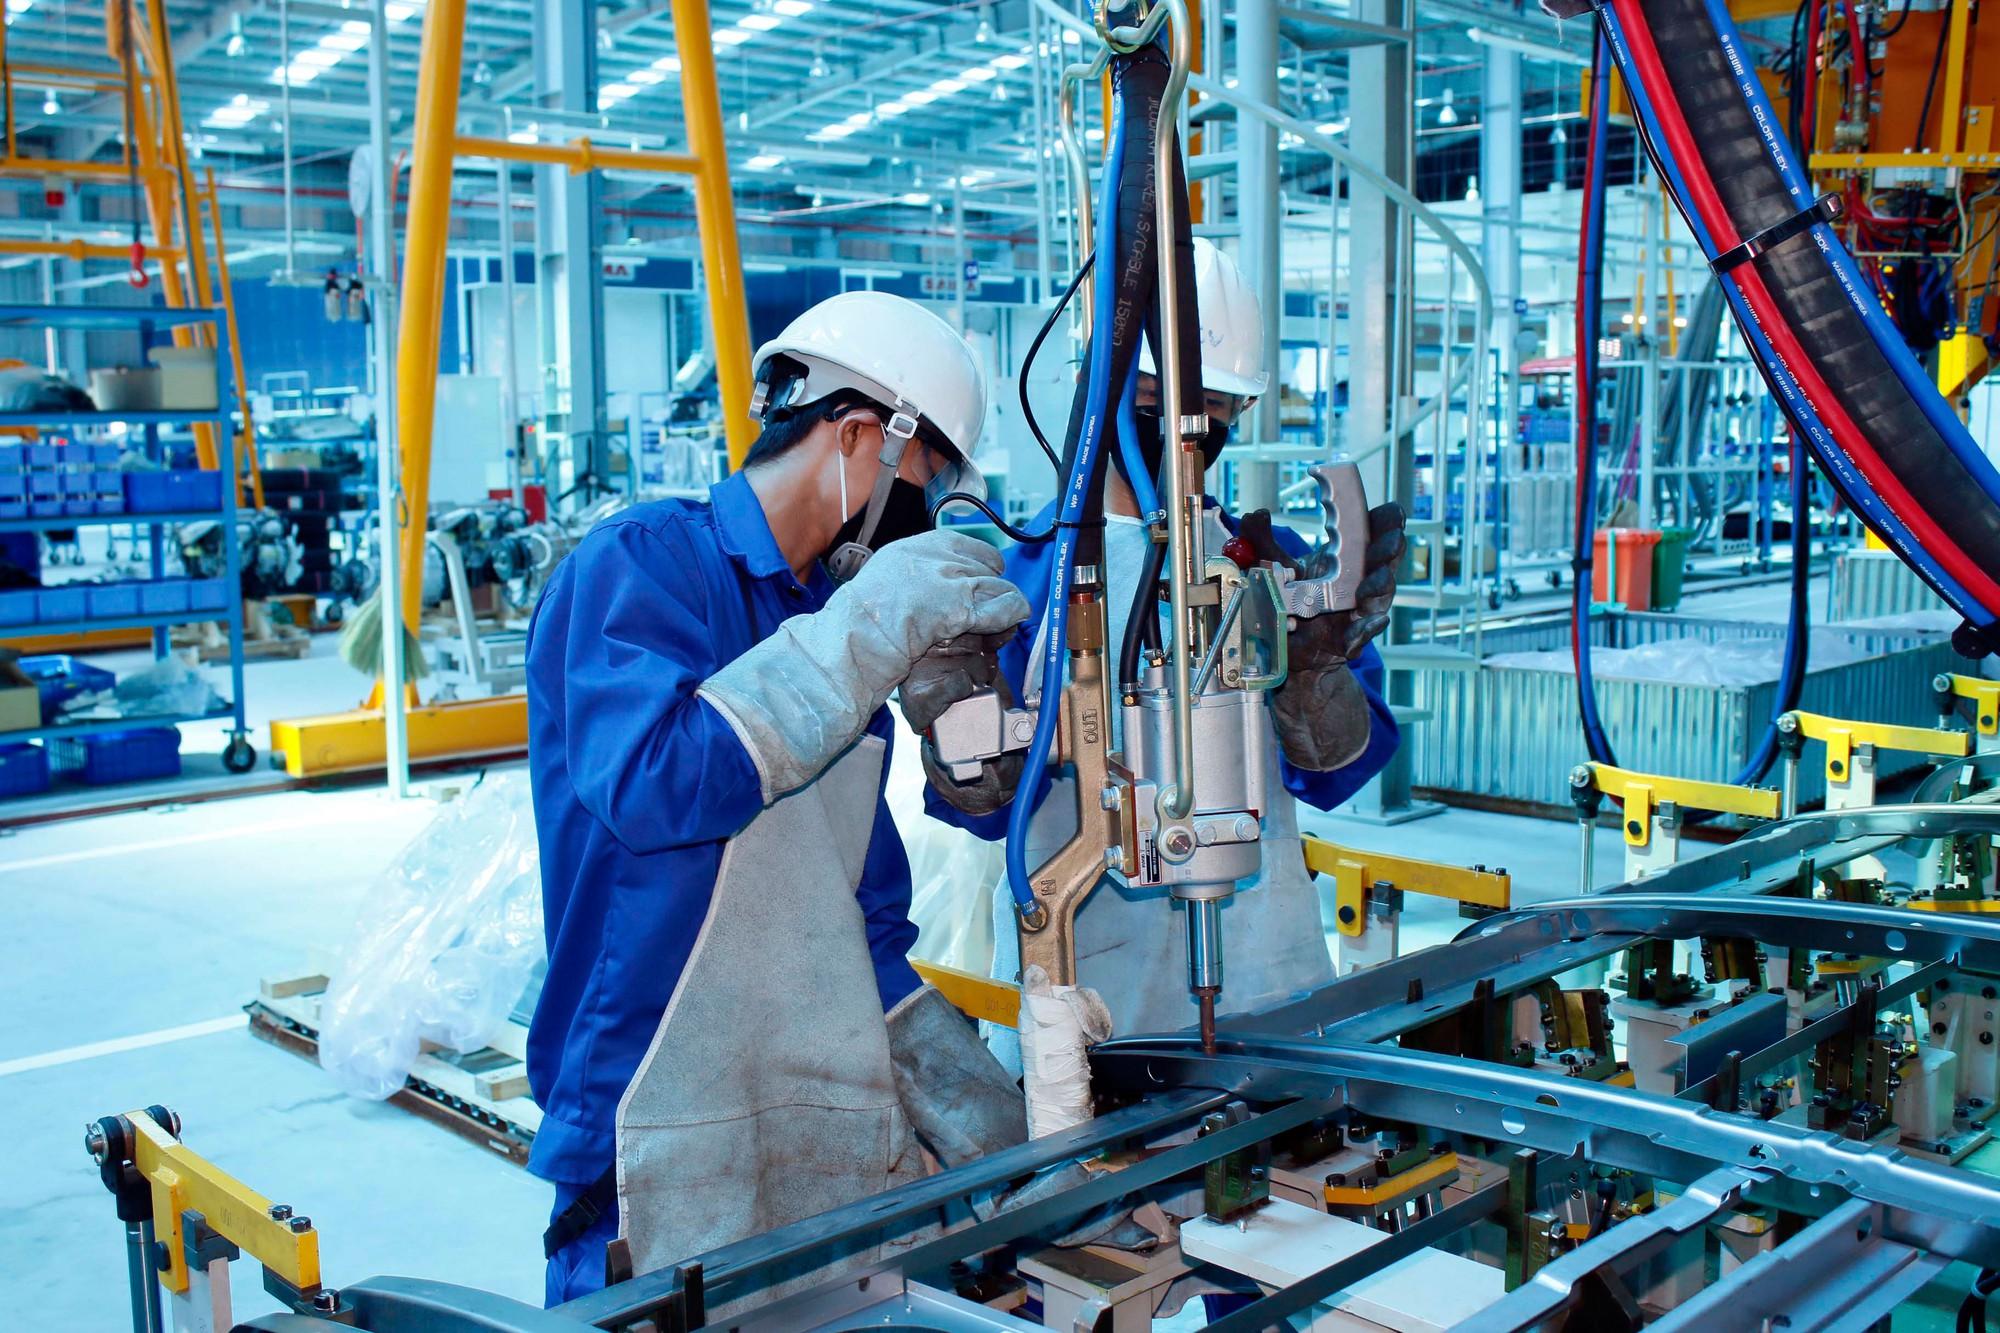 Người lao động không phải là những cỗ máy - Báo Người lao động